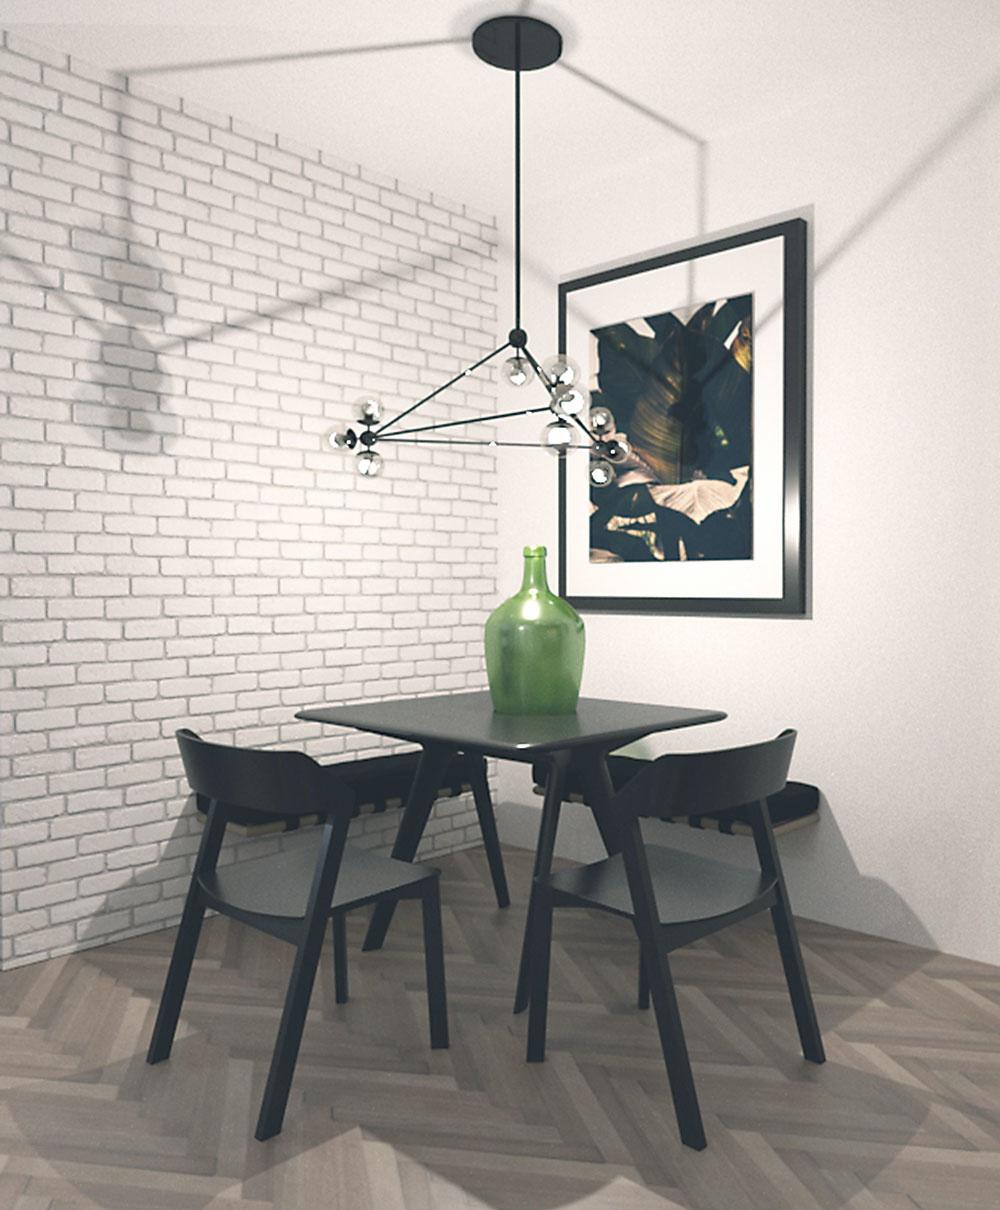 Jedálenský kút je riešený prakticky a v duchu minimalizmu. Po oboch stranách steny sú namontované šikovné sklápacie lavice.